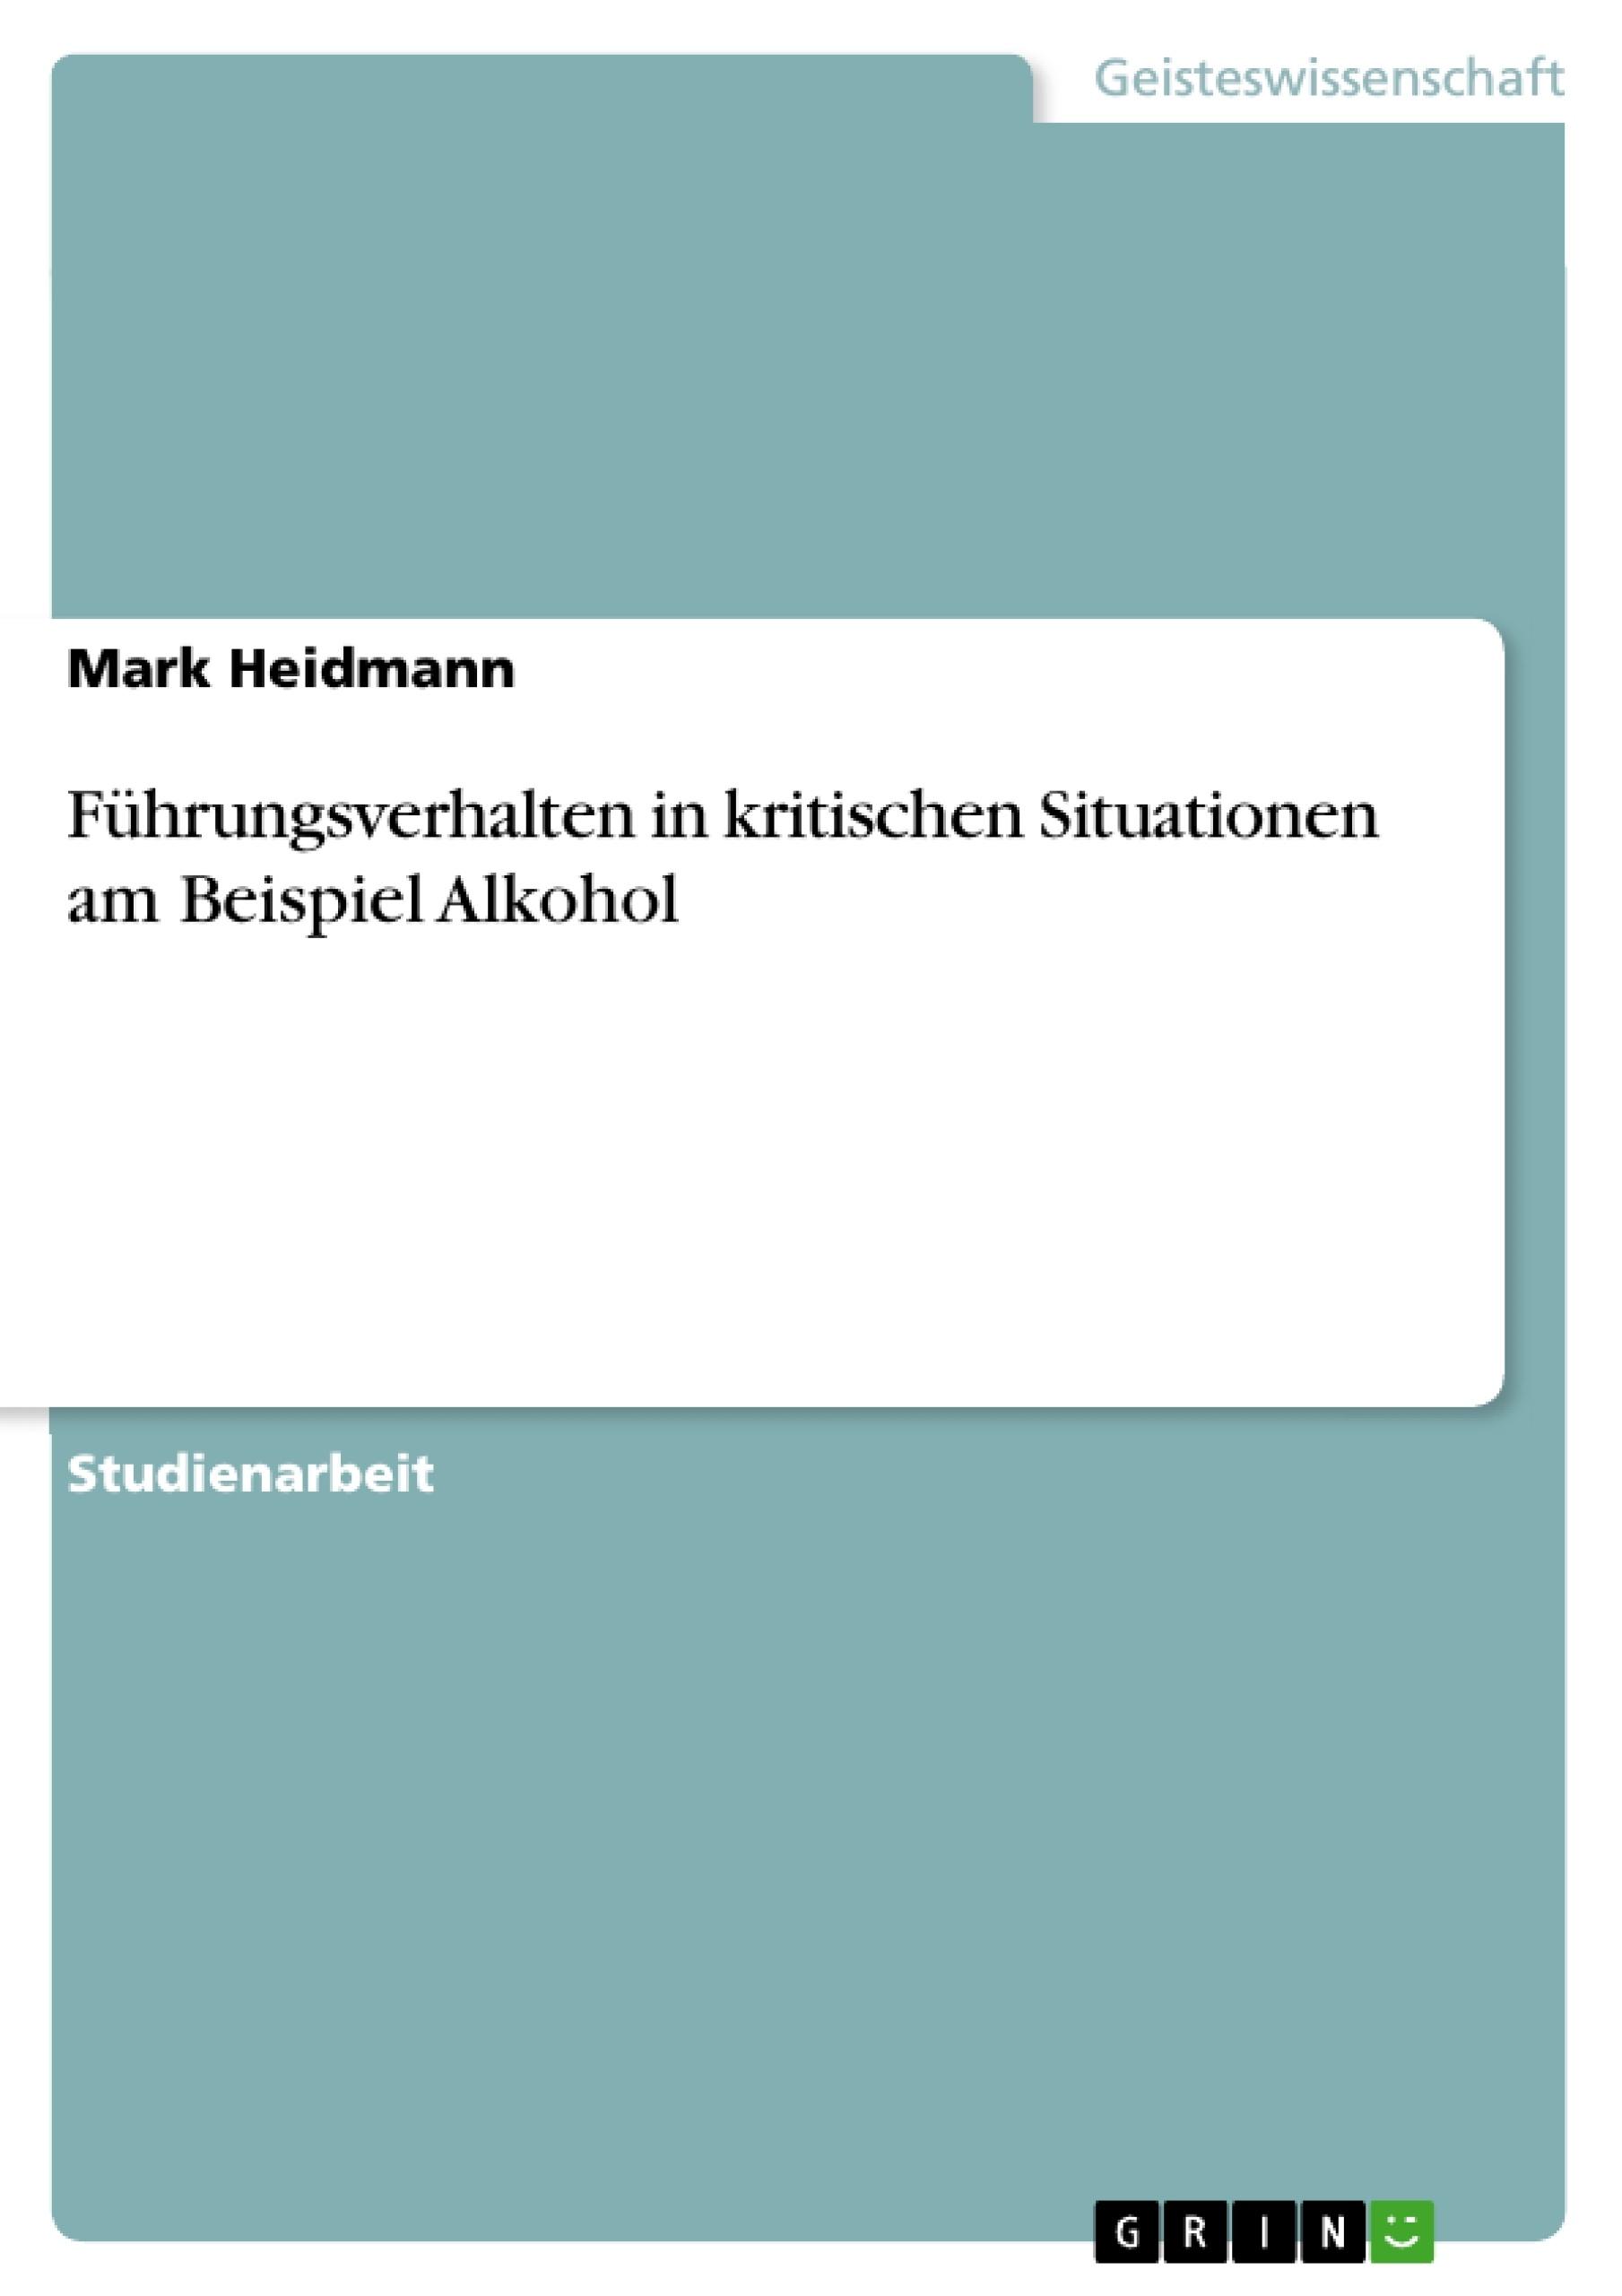 Titel: Führungsverhalten in kritischen Situationen am Beispiel Alkohol